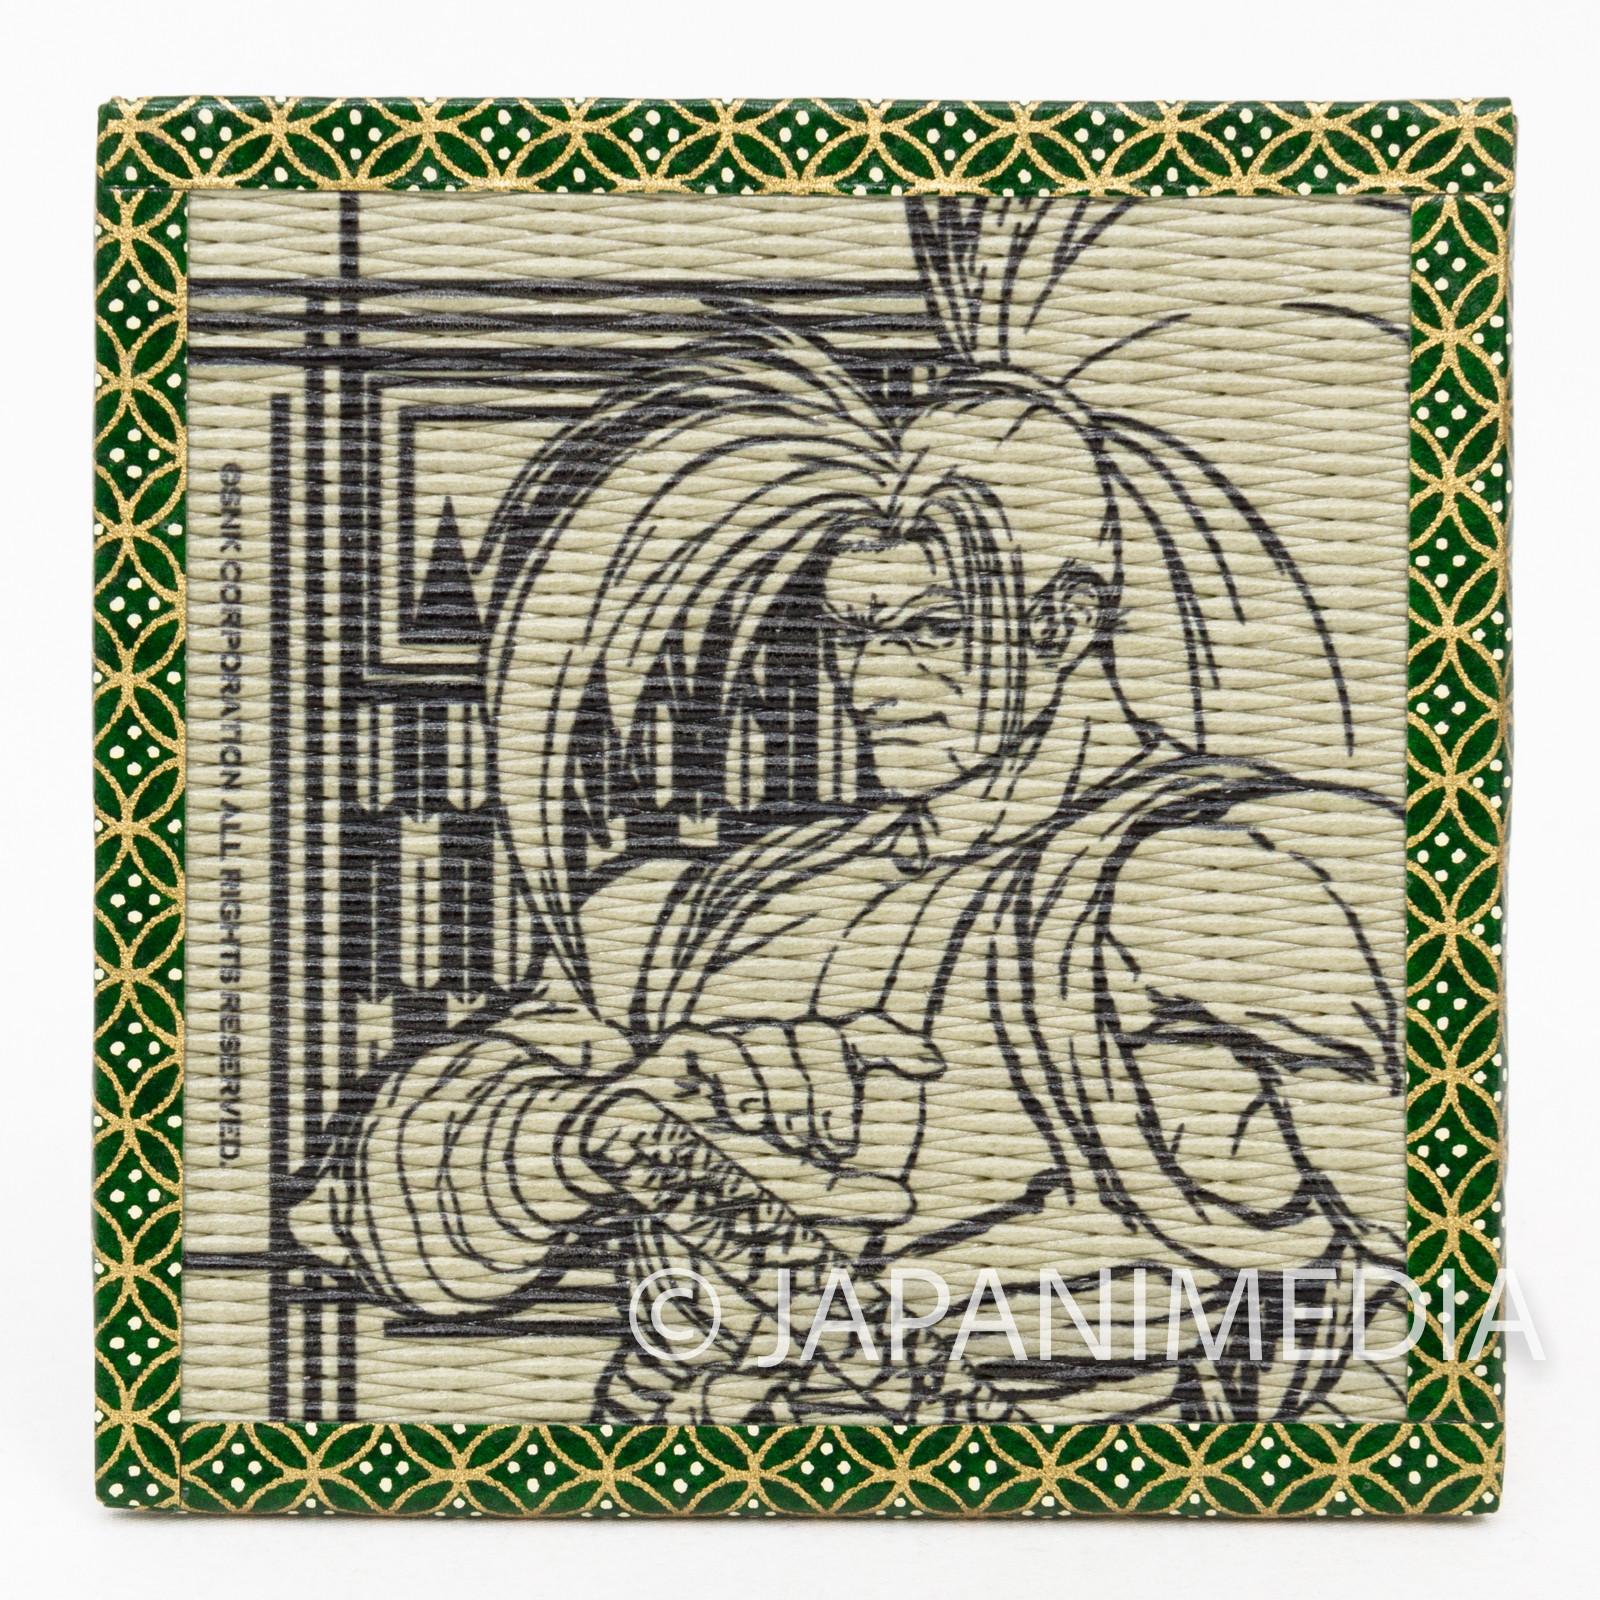 Samurai Shodown Haohmaru Tatami Coaster SNK JAPAN NEOGEO SPIRITS